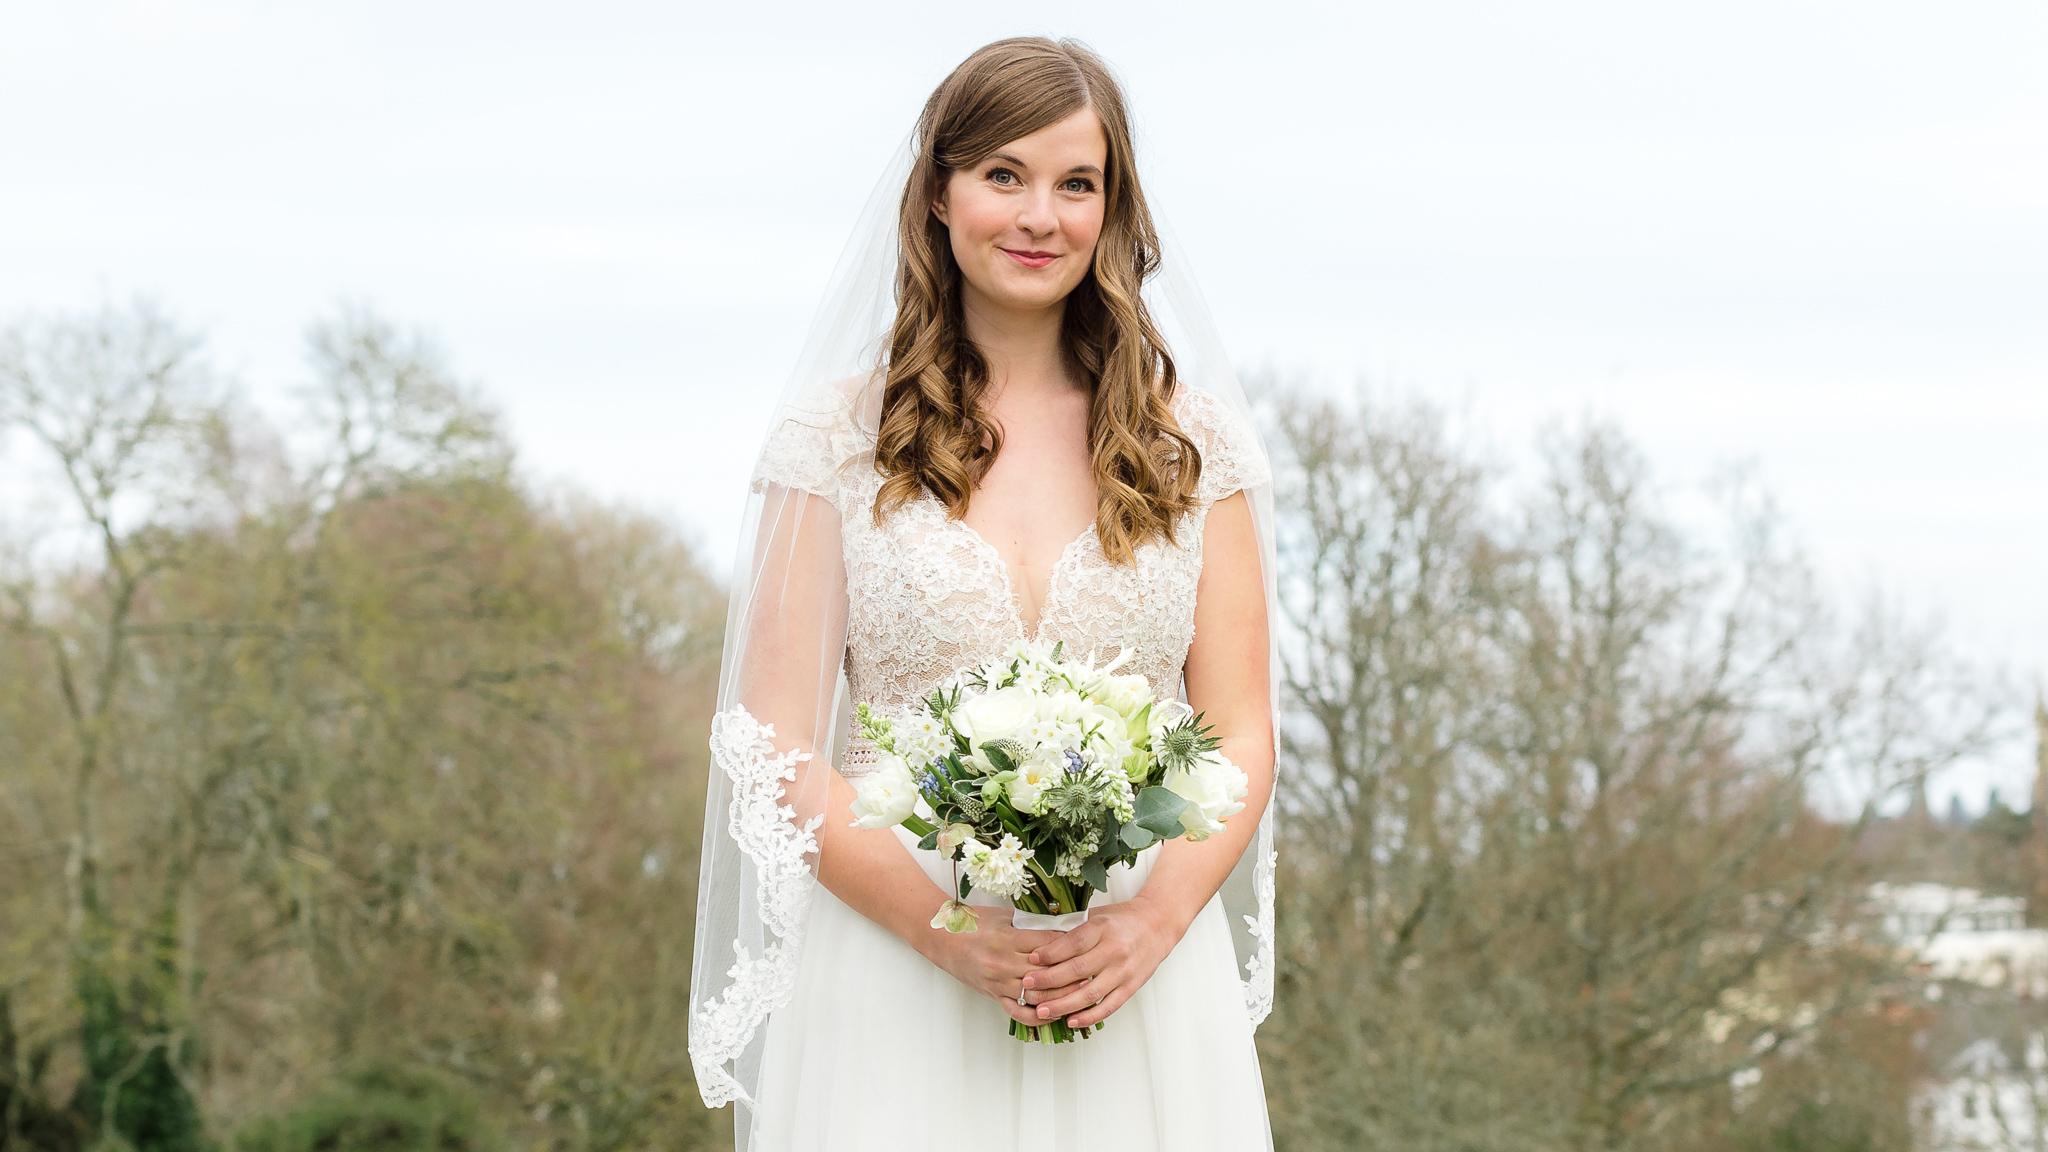 Royal Tunbridge Wells Wedding of ecky & Nik